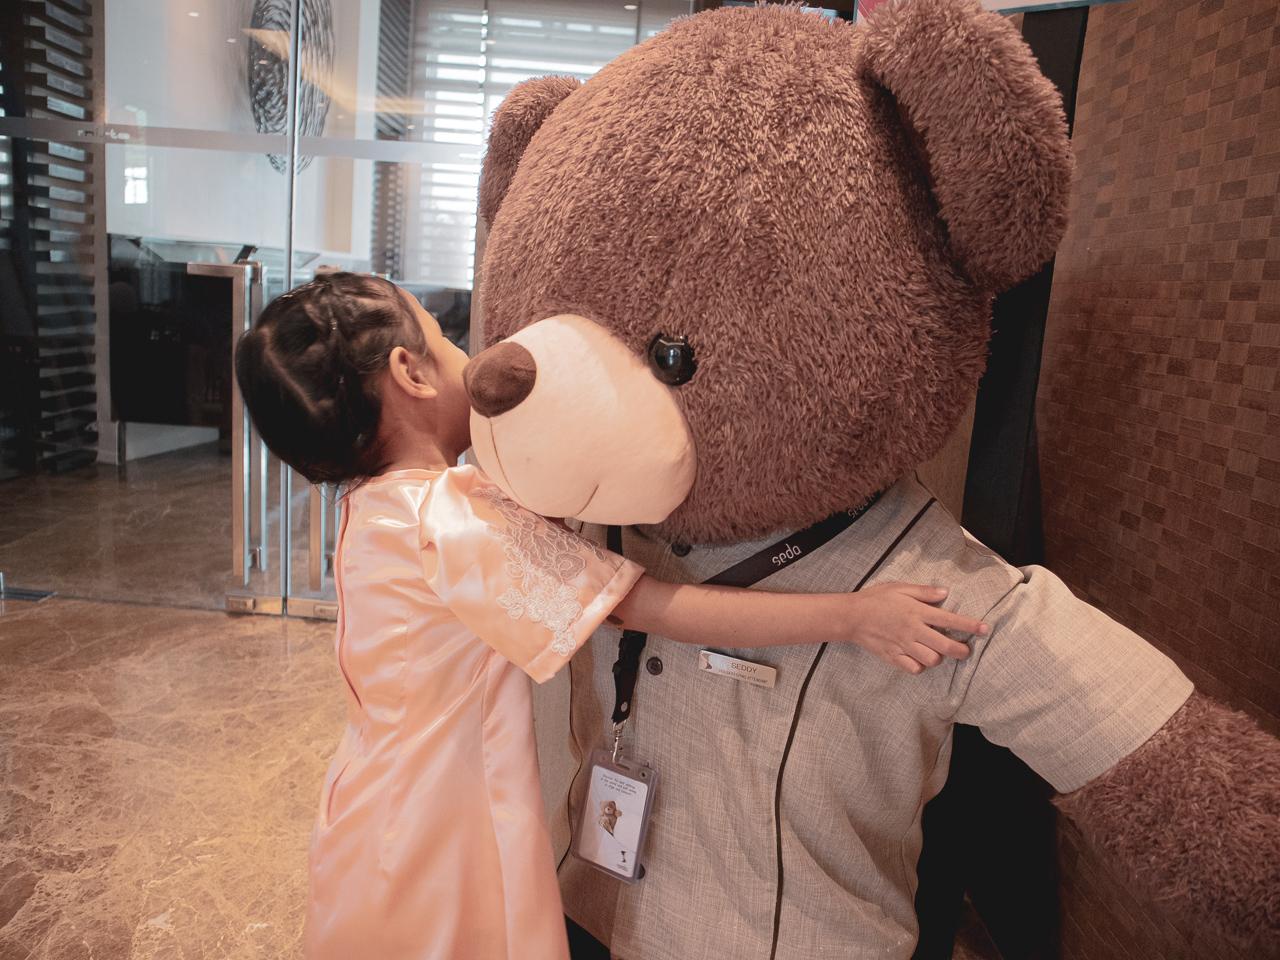 hug-for-seda-hotel-bear